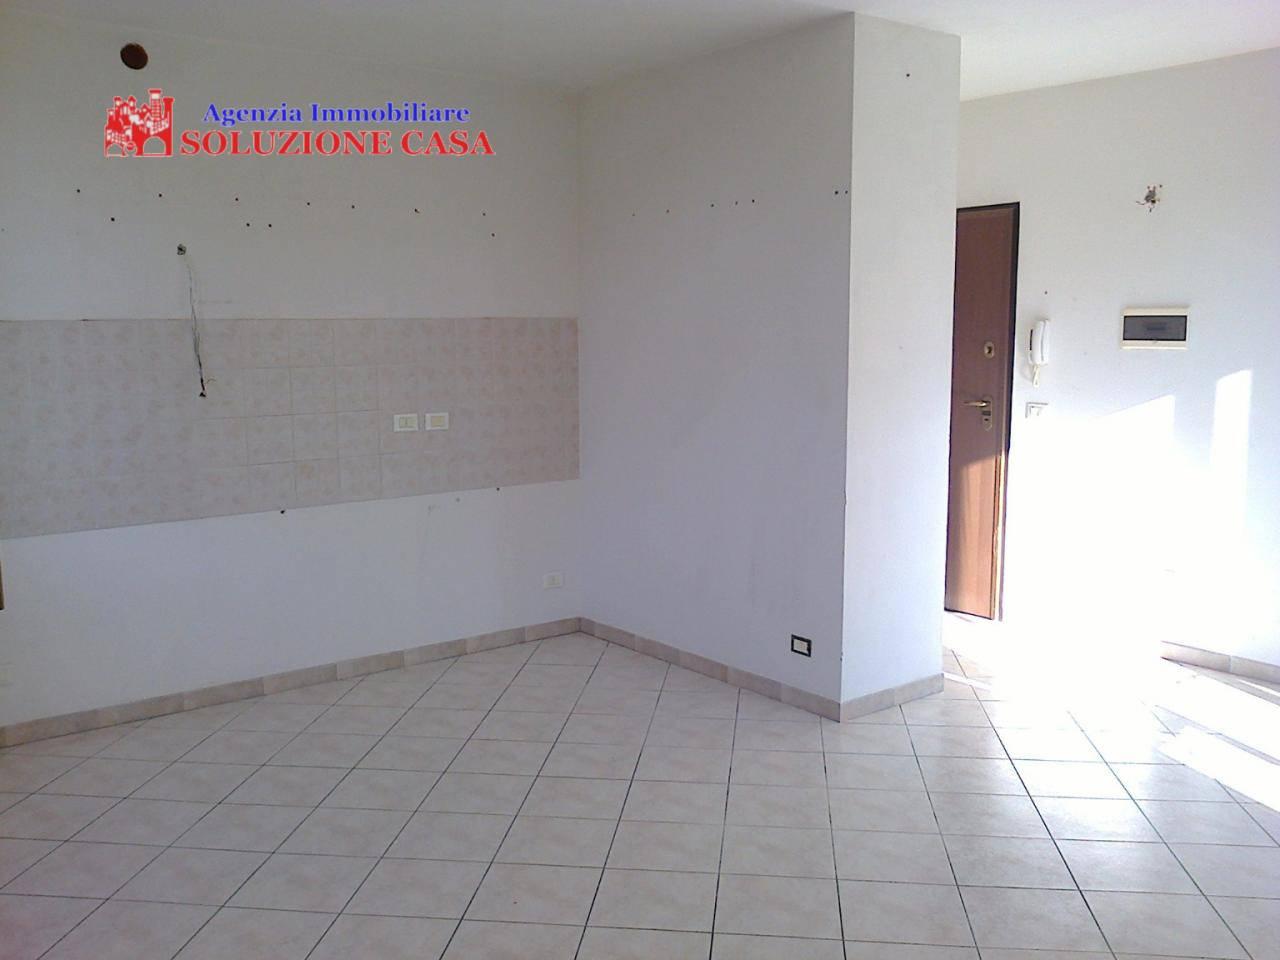 Appartamento in affitto a Cento, 3 locali, zona Zona: Renazzo, prezzo € 500 | Cambio Casa.it